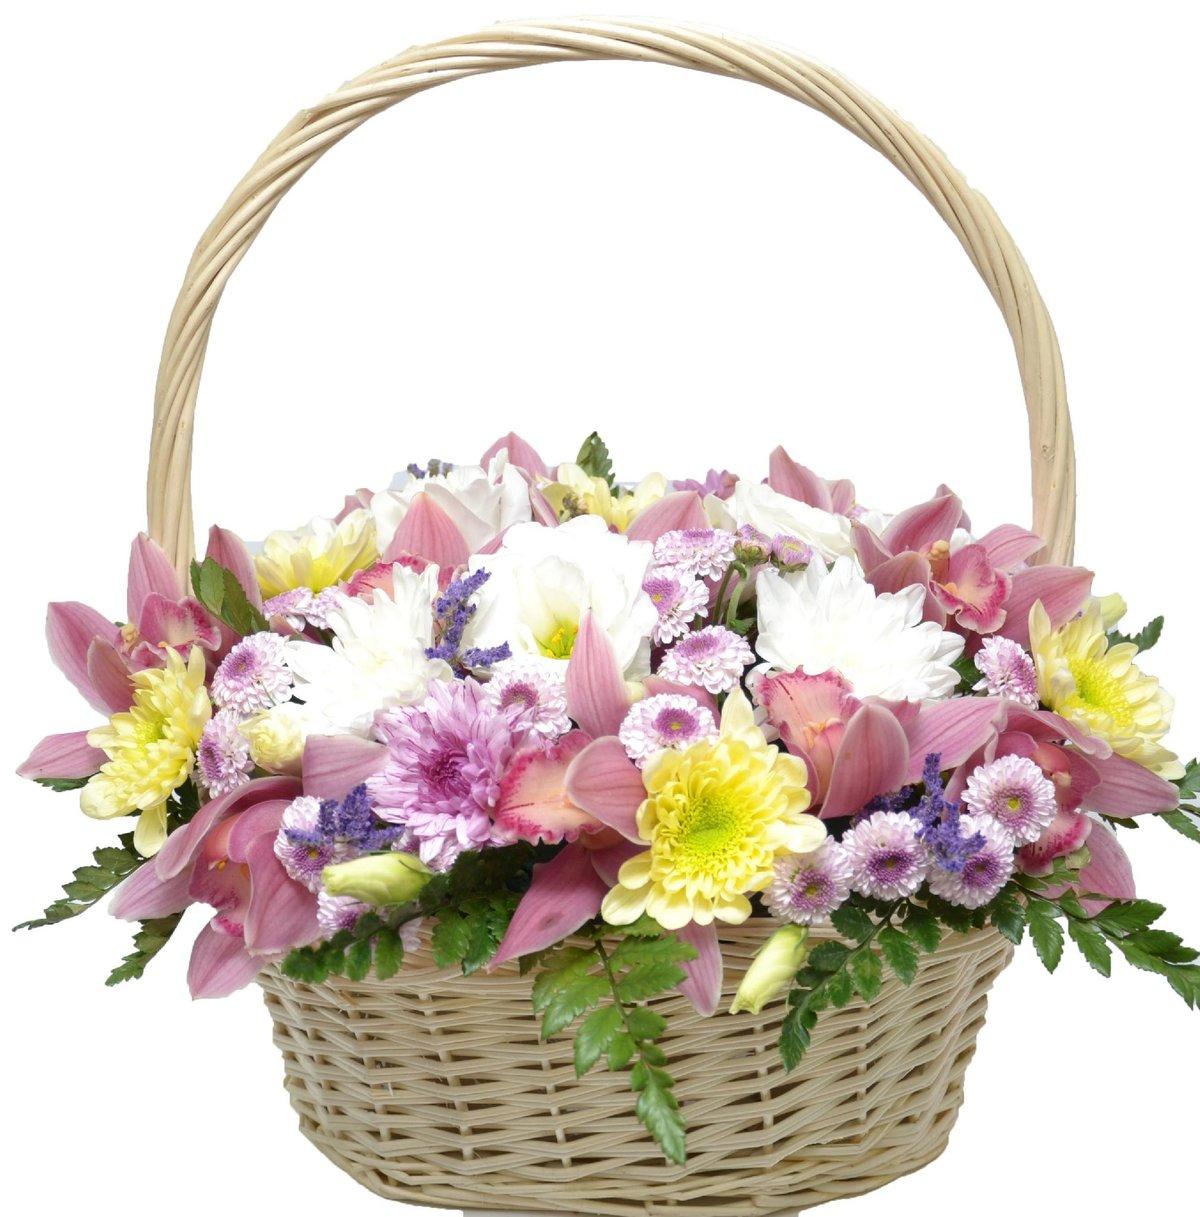 Картинки красивые корзины с цветами, ваза